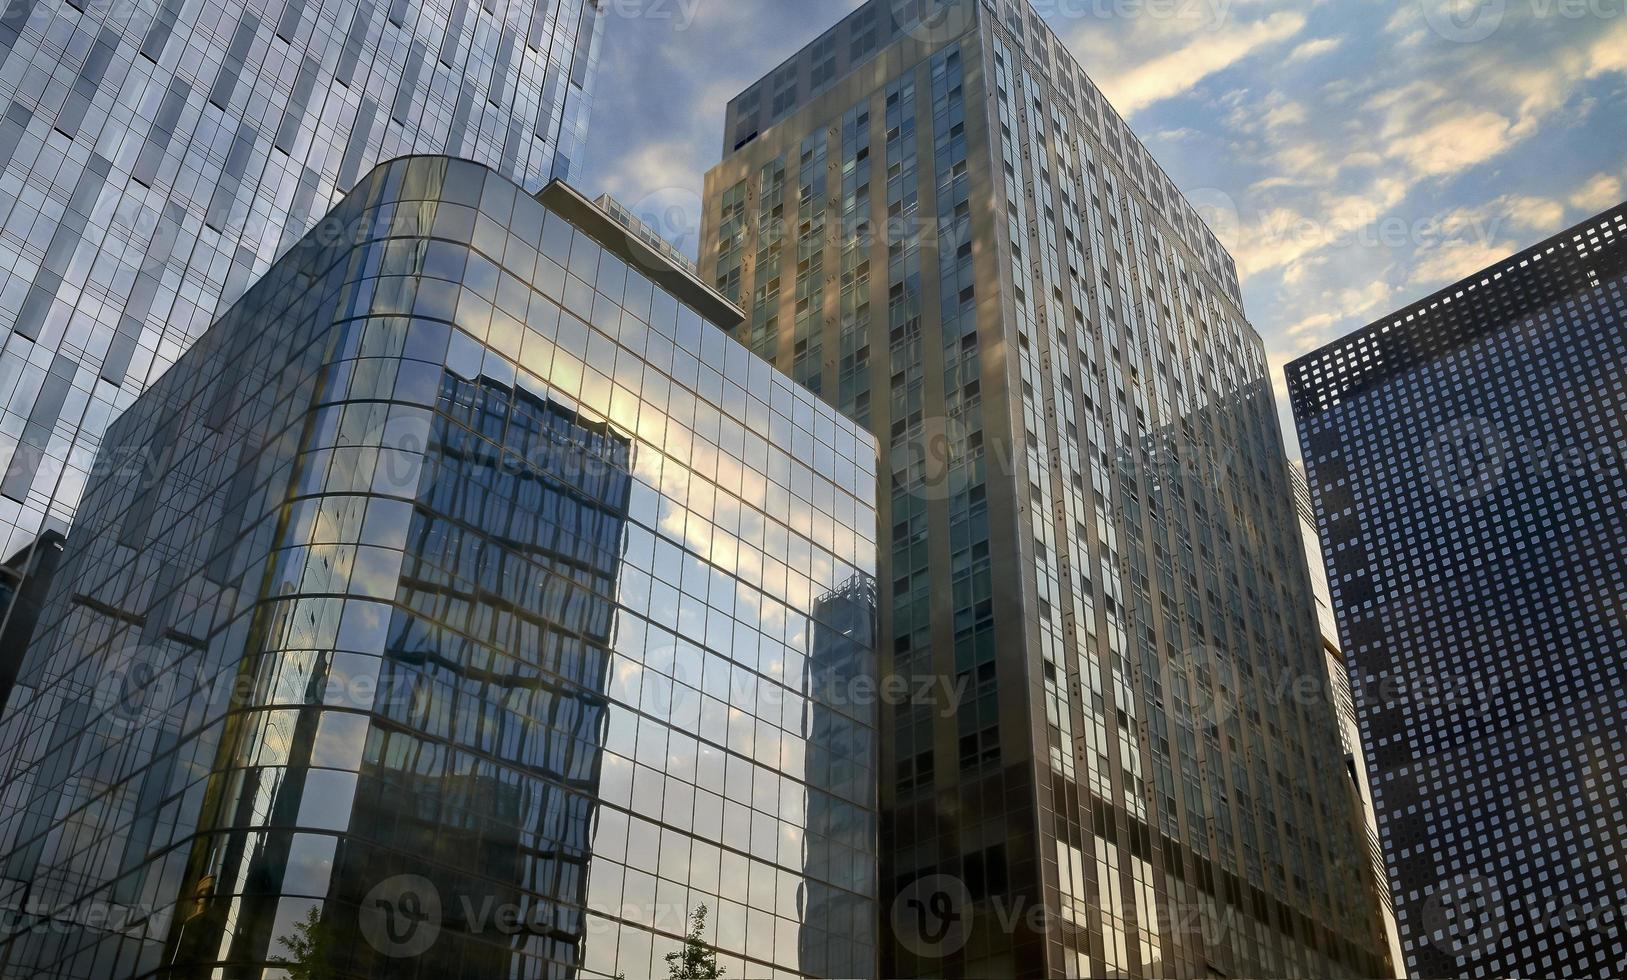 edificio commerciale della città a Seoul, che riflette il cielo - foto